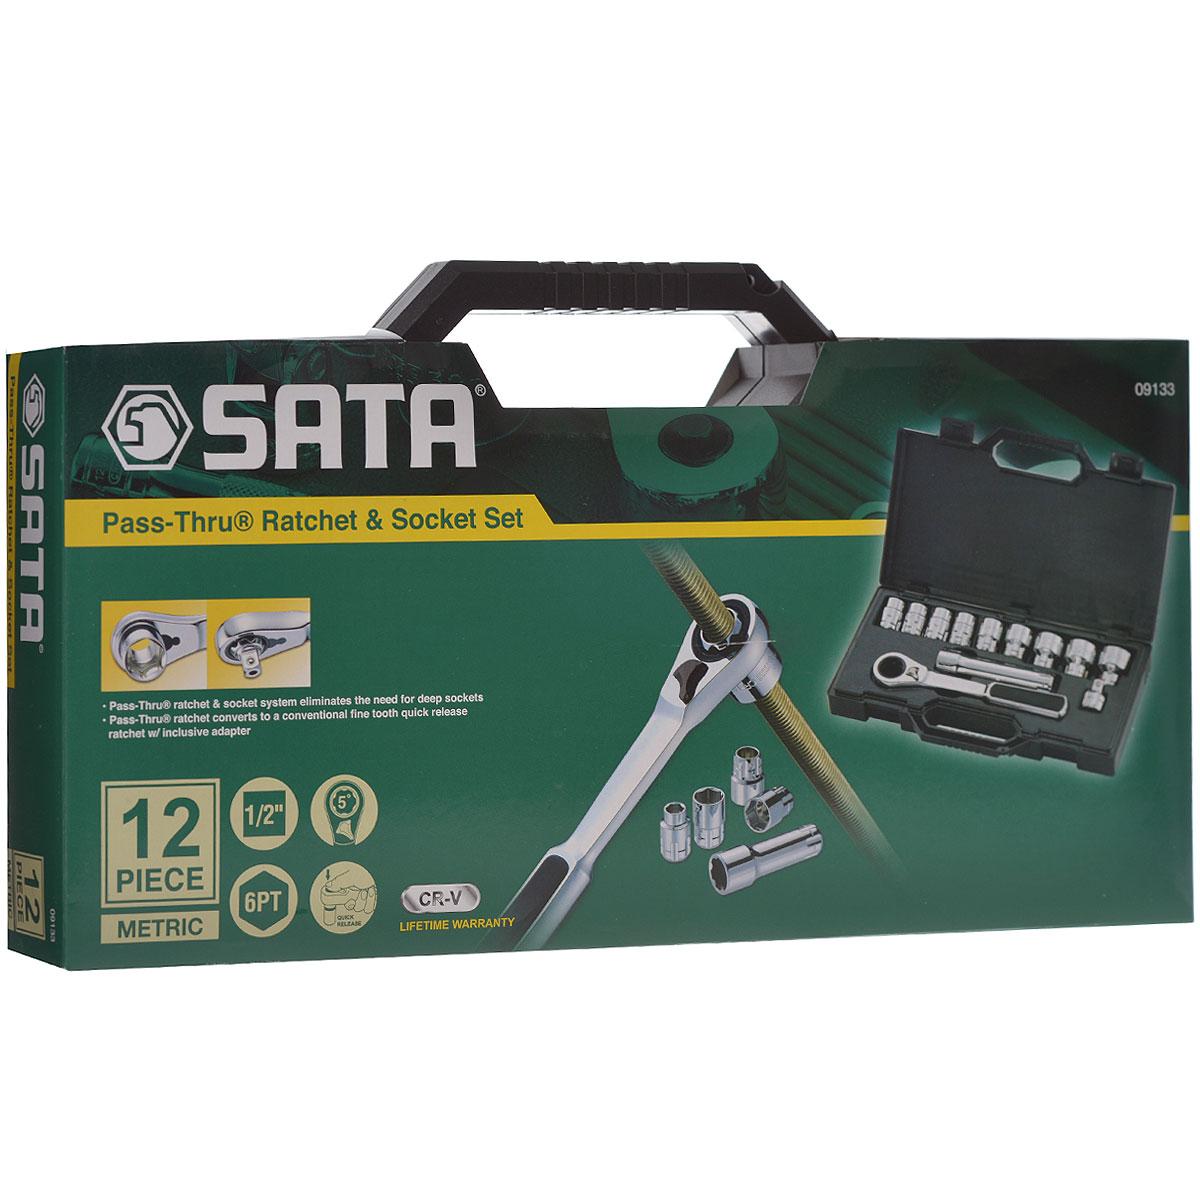 Набор торцевых головок SATA 12пр. 09133 набор торцевых головок sata sata metric 37048